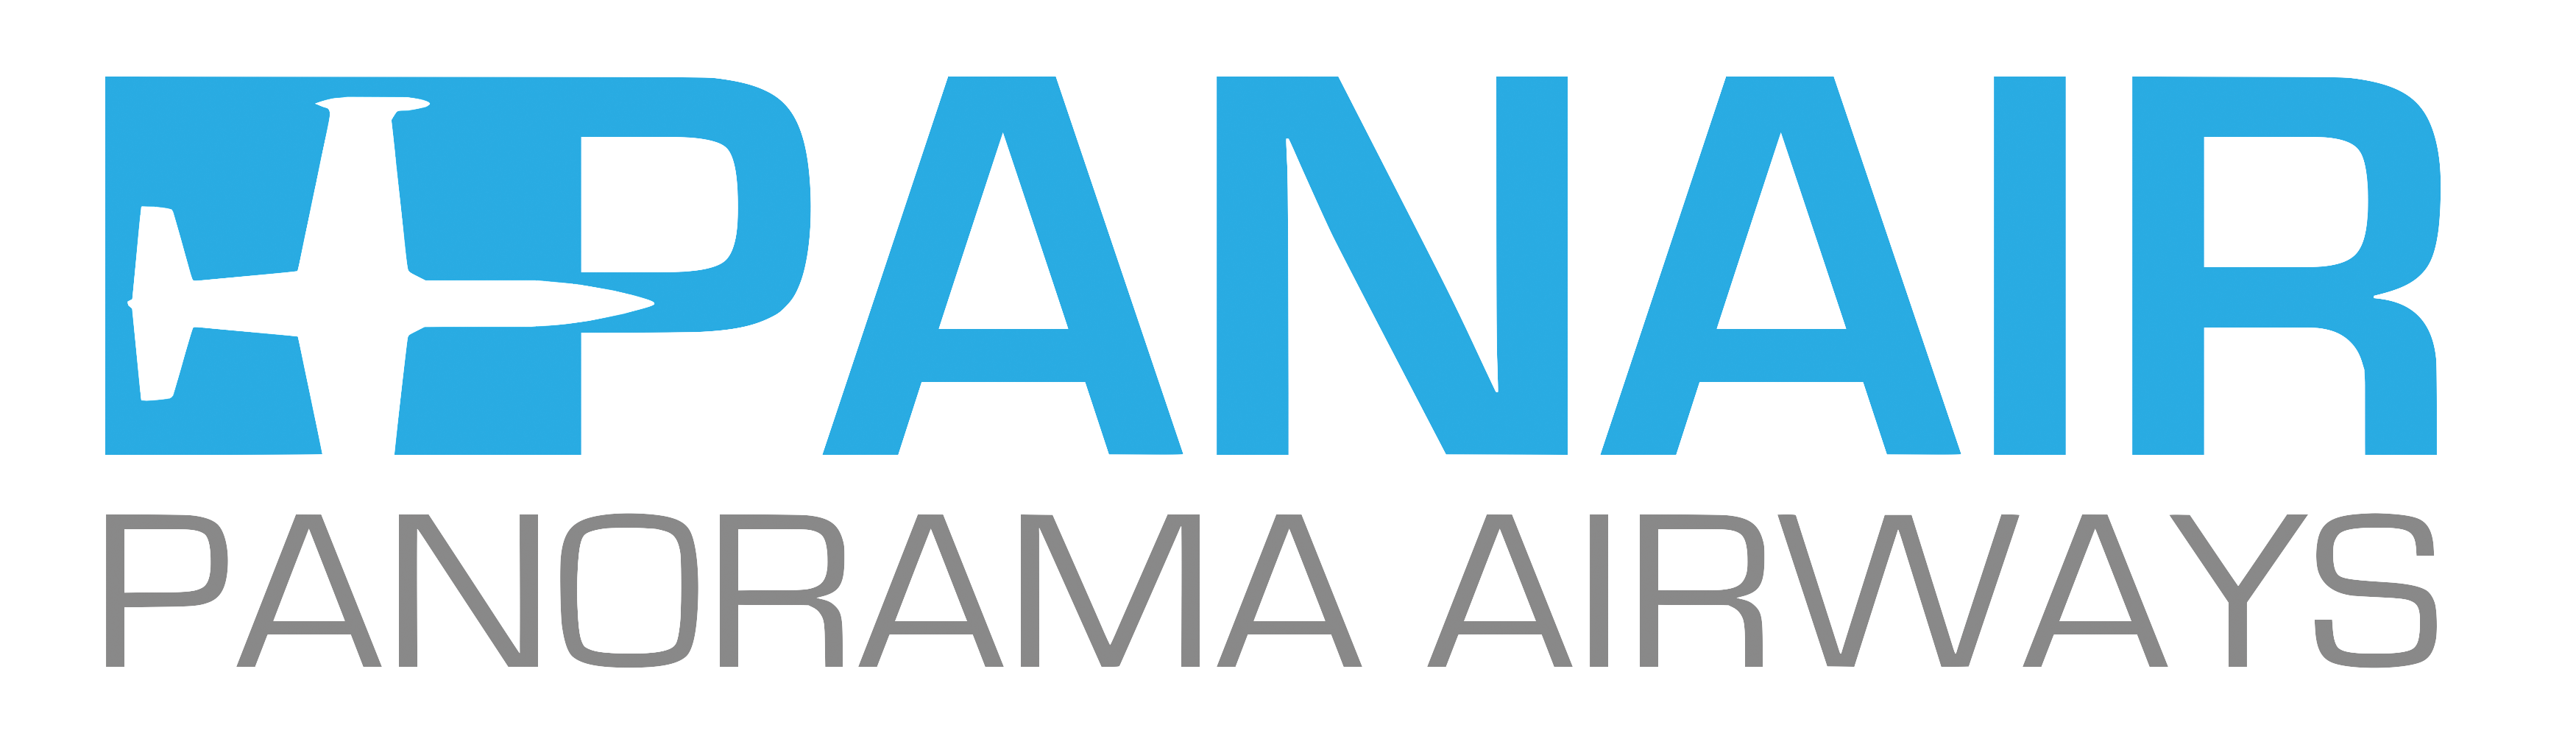 Panorama Airways